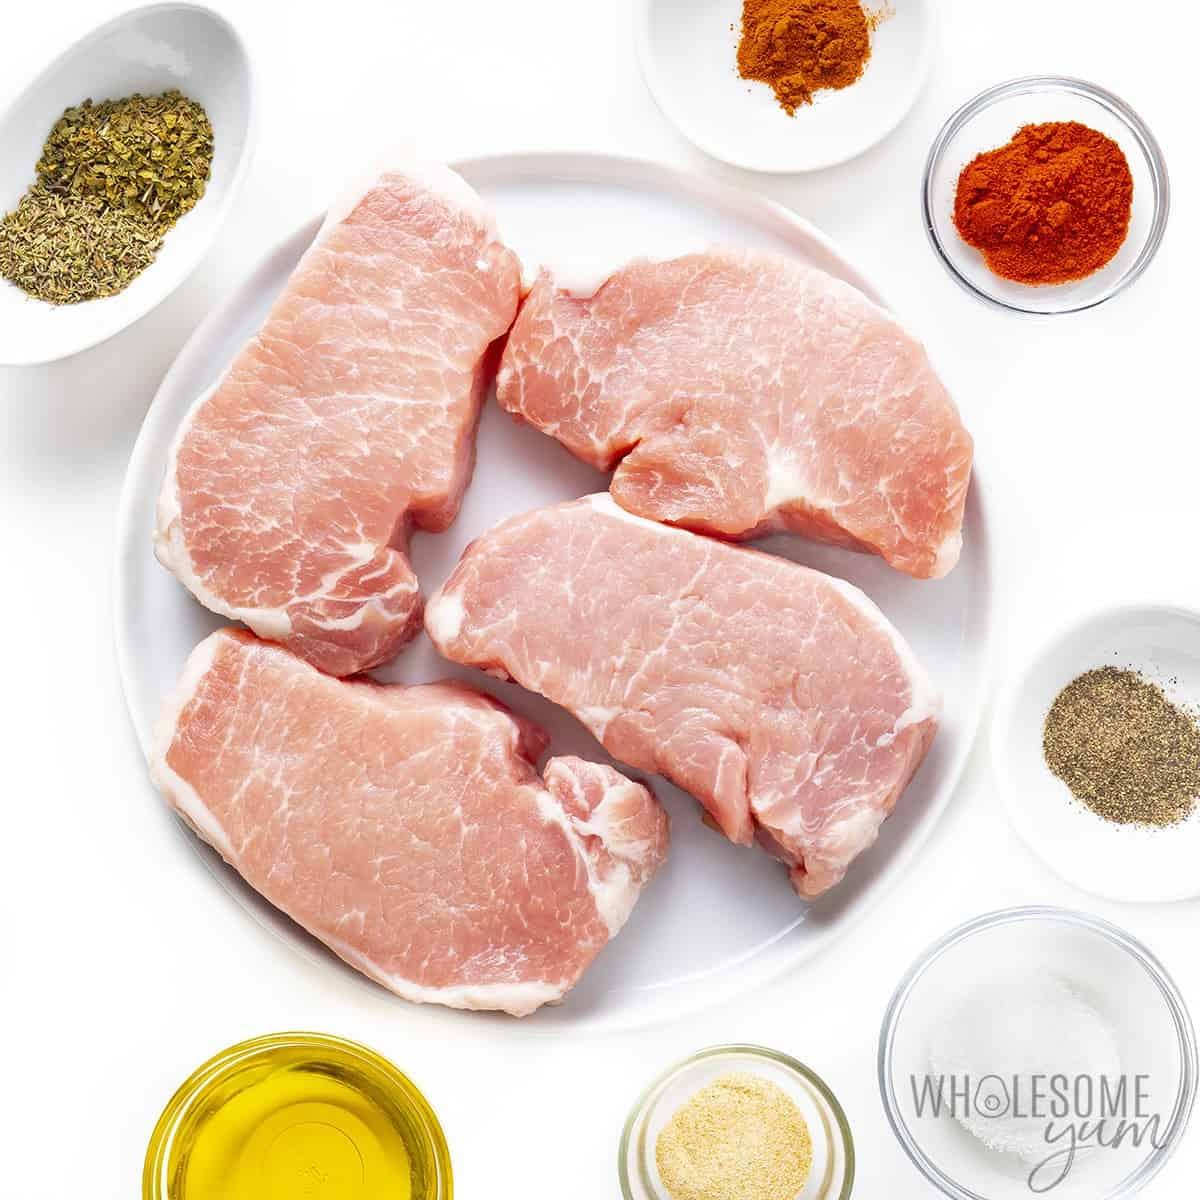 Ingredients to make pan fried pork chops